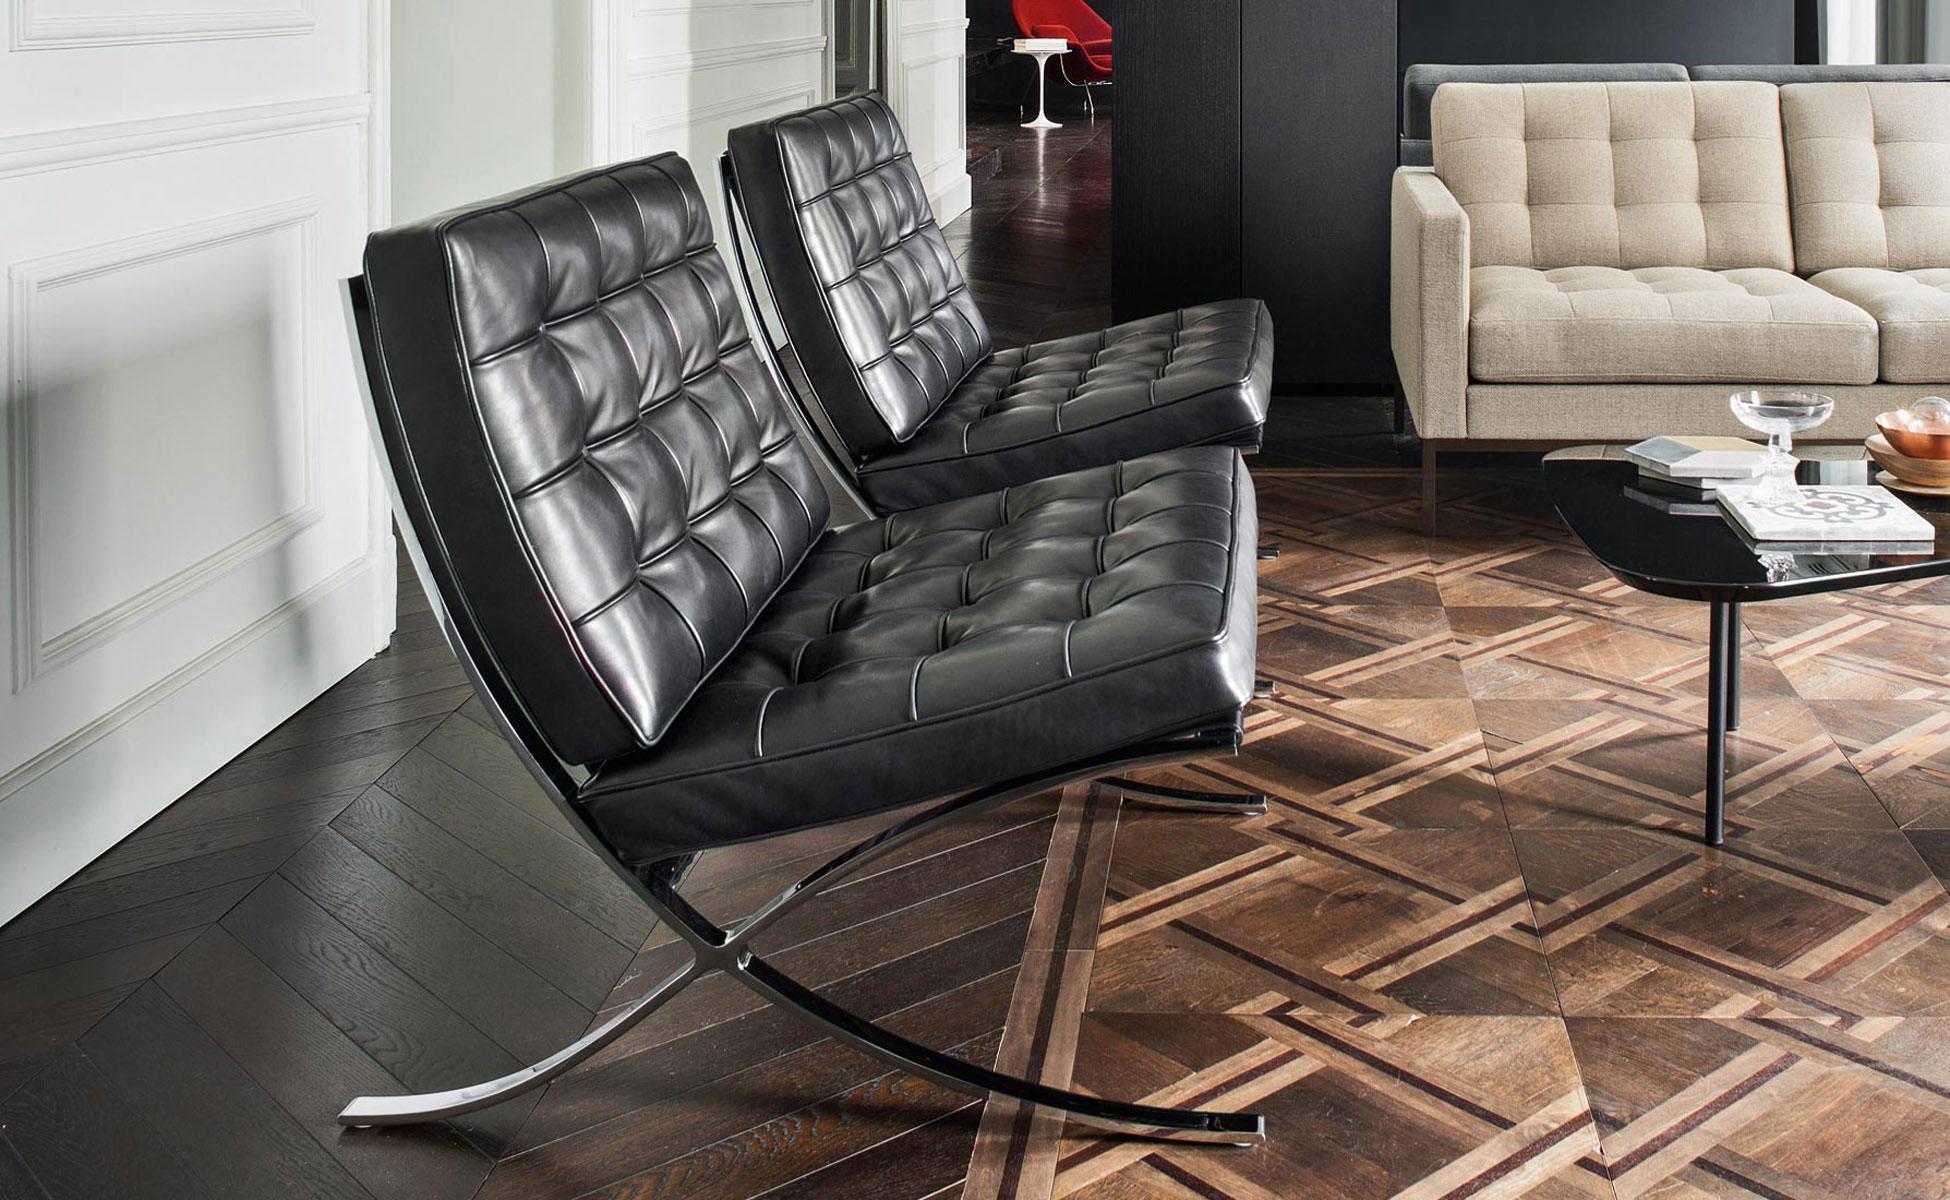 01 knoll International-barcelona chair berlin bei steidten+